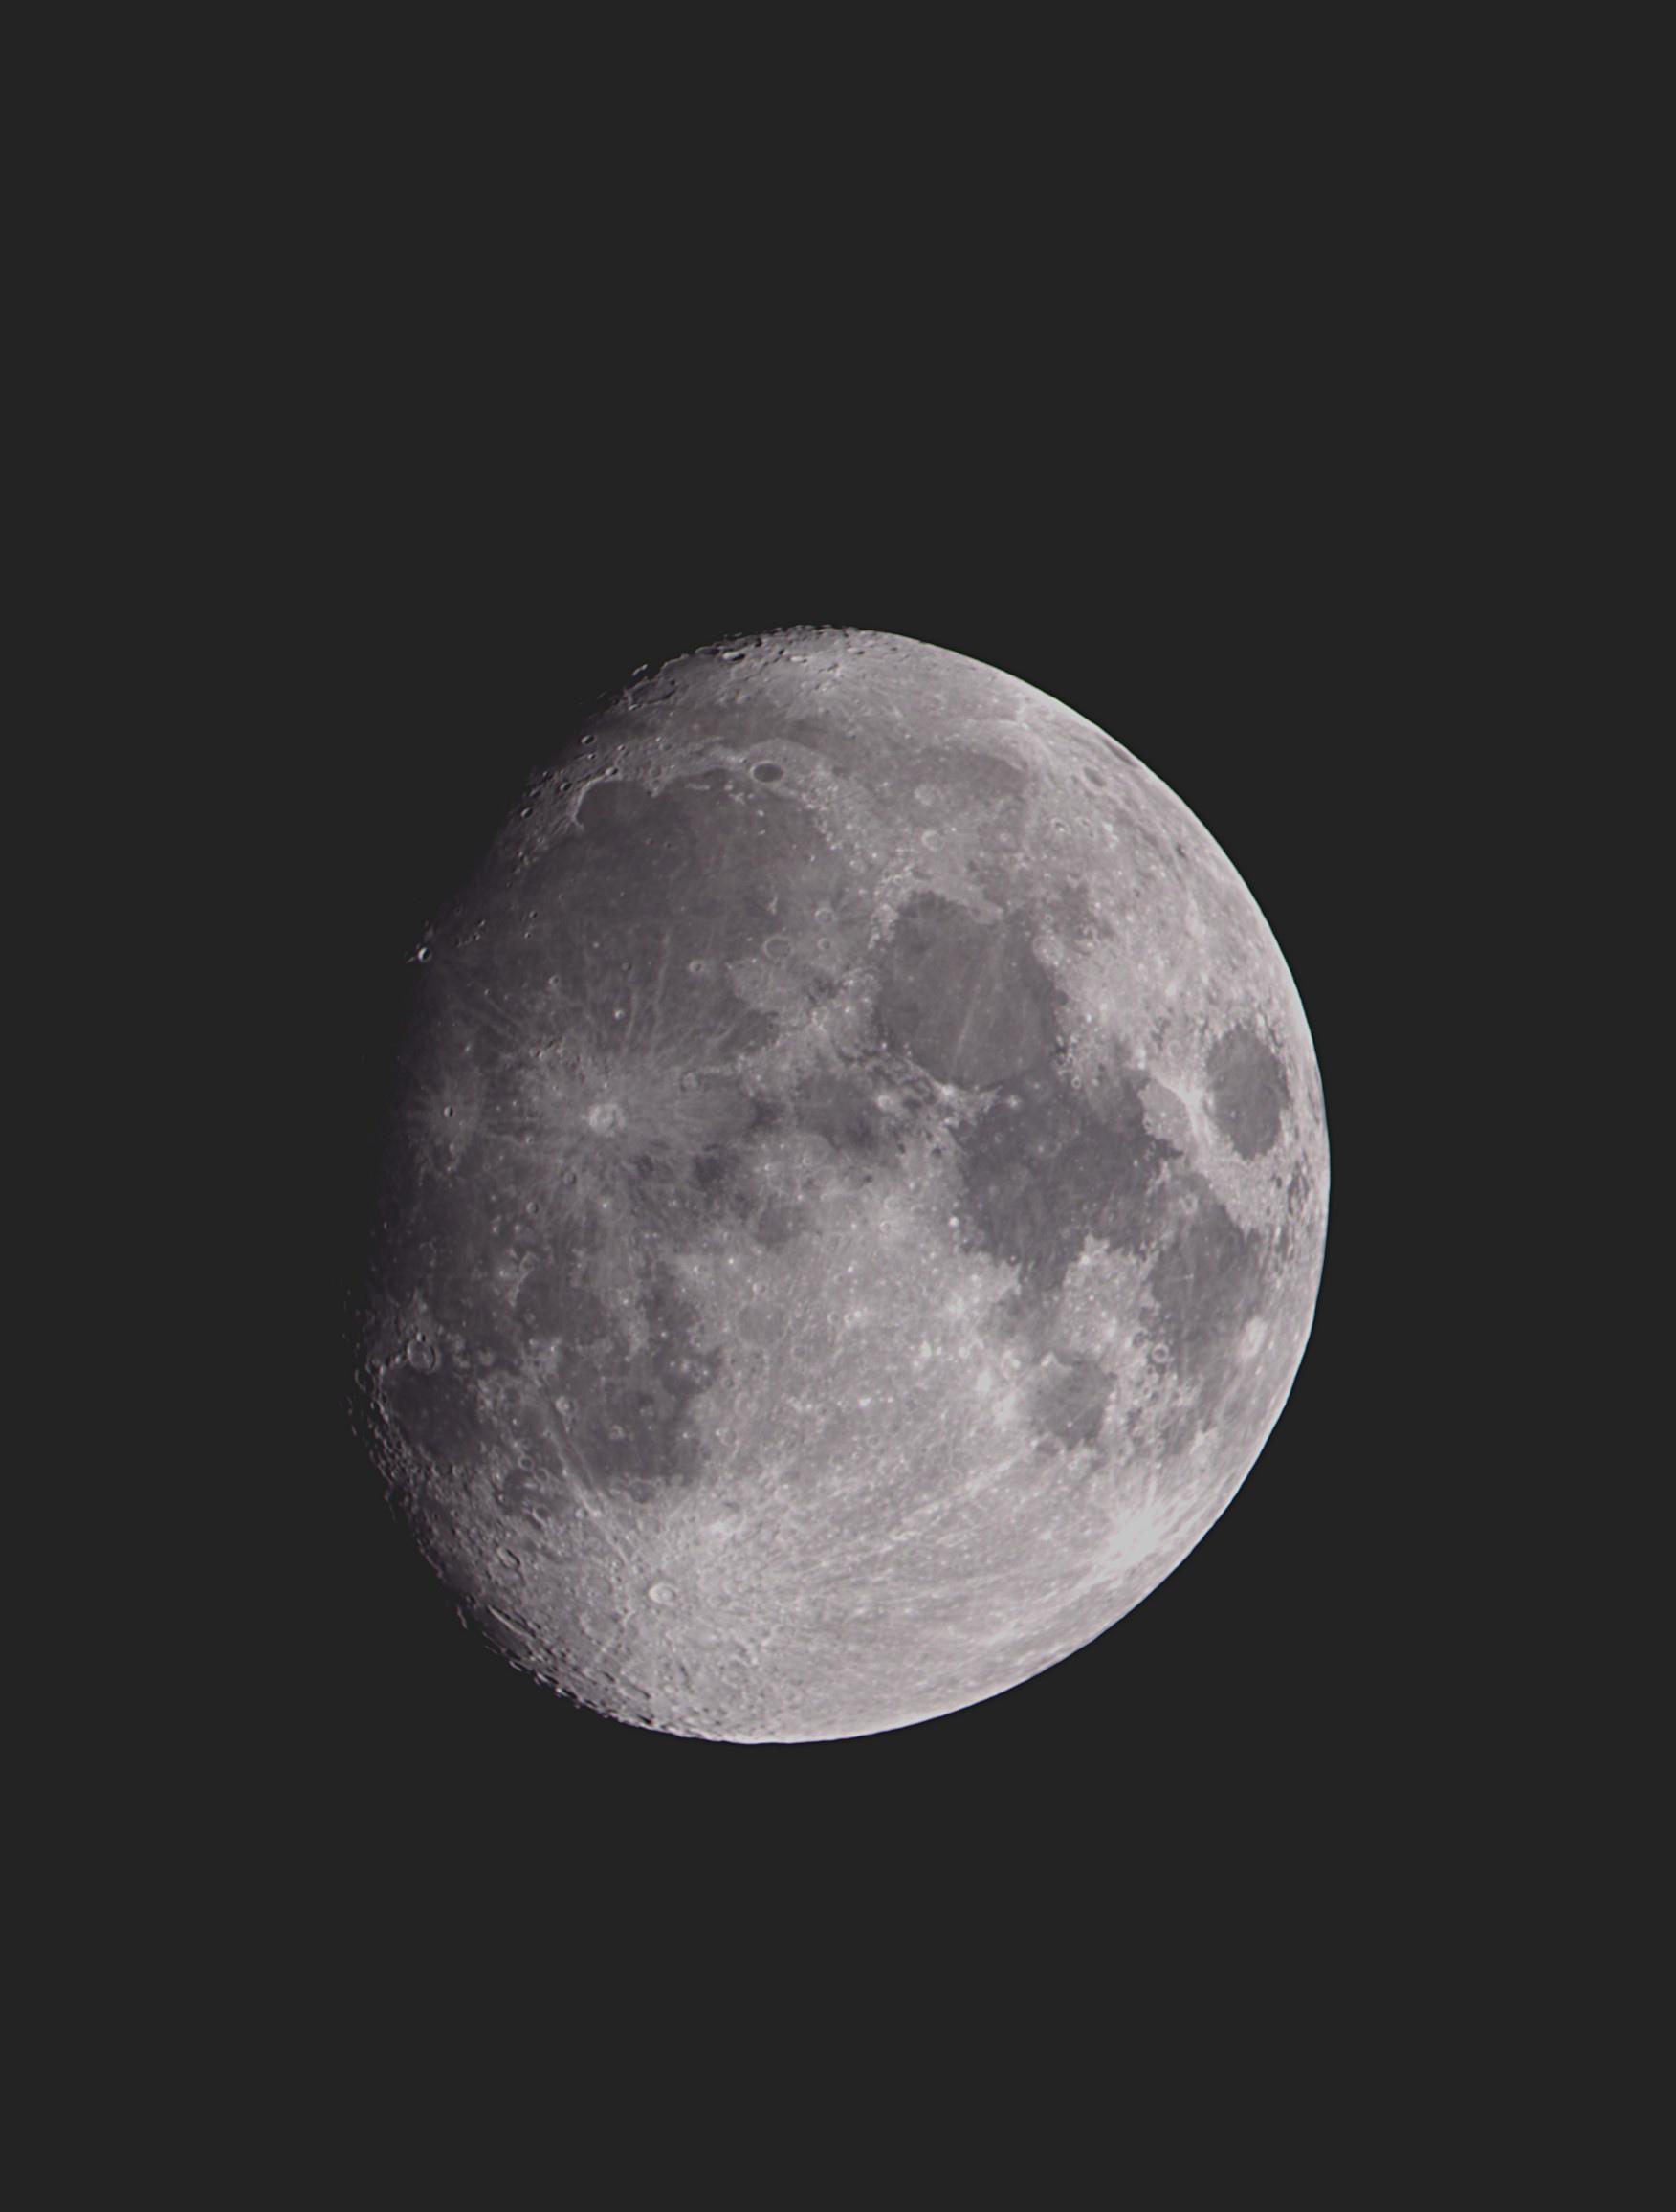 lune-28-01-2018.jpeg